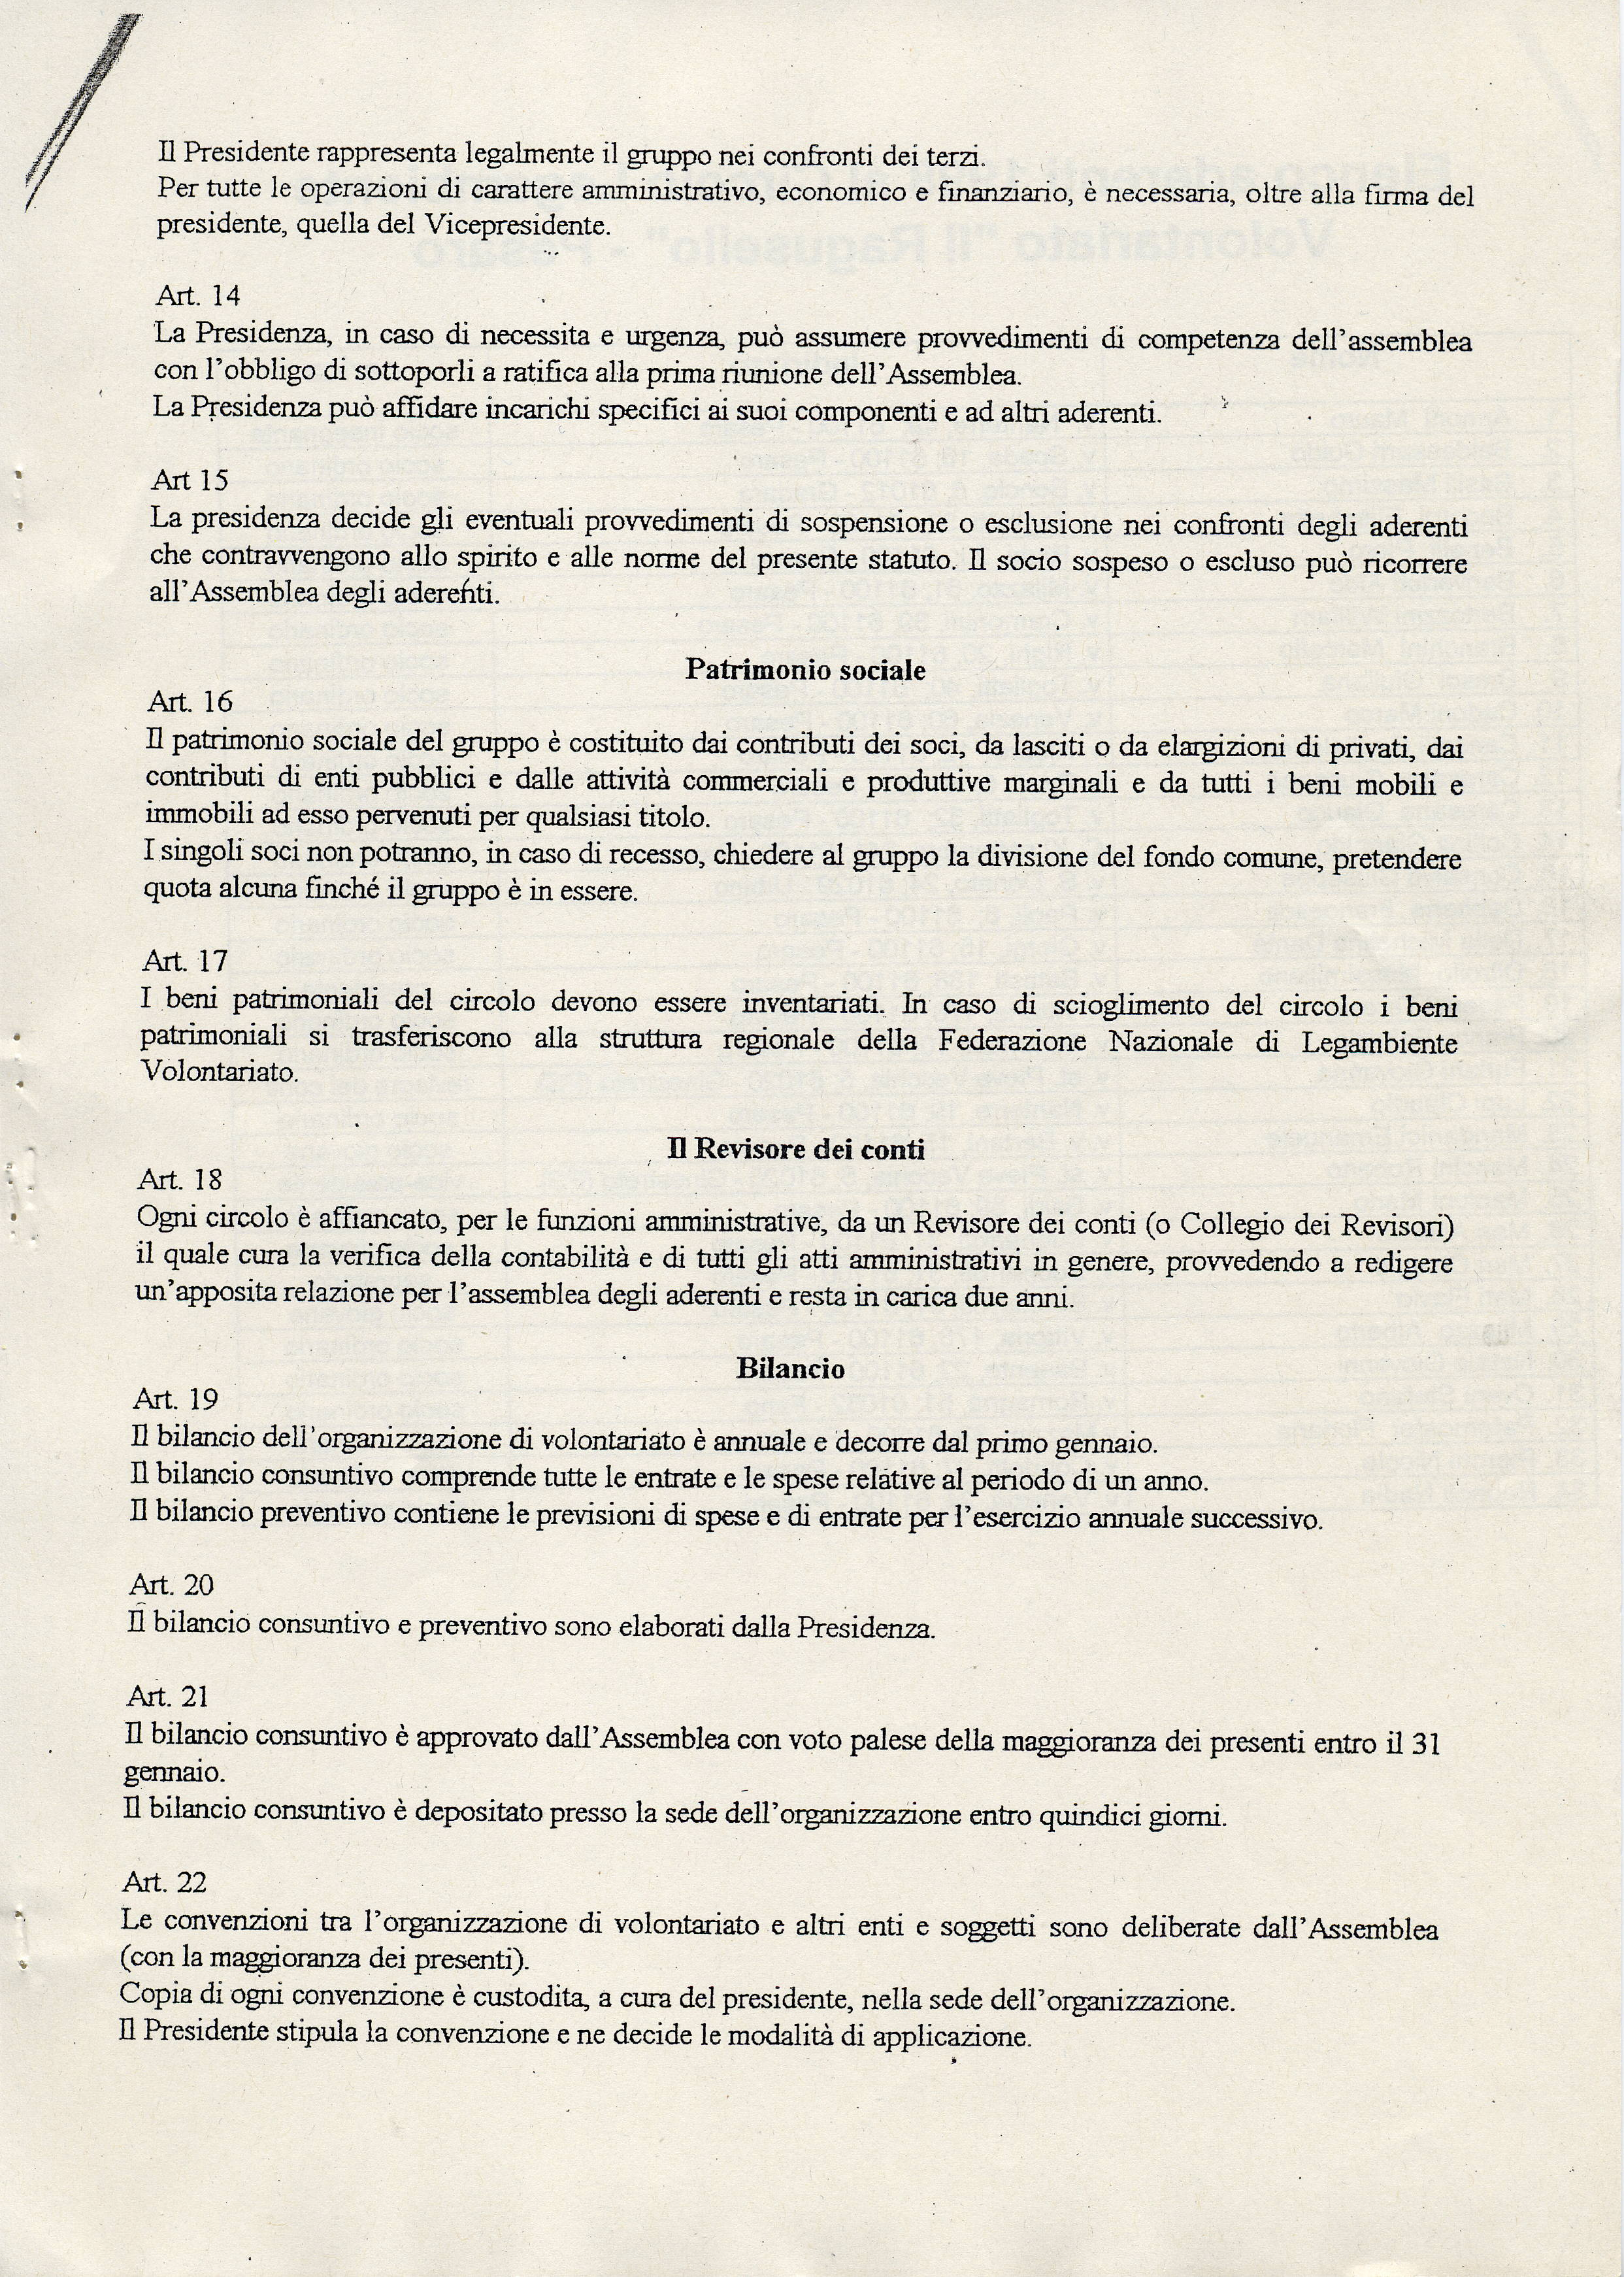 Pagina 3 dello Statuto